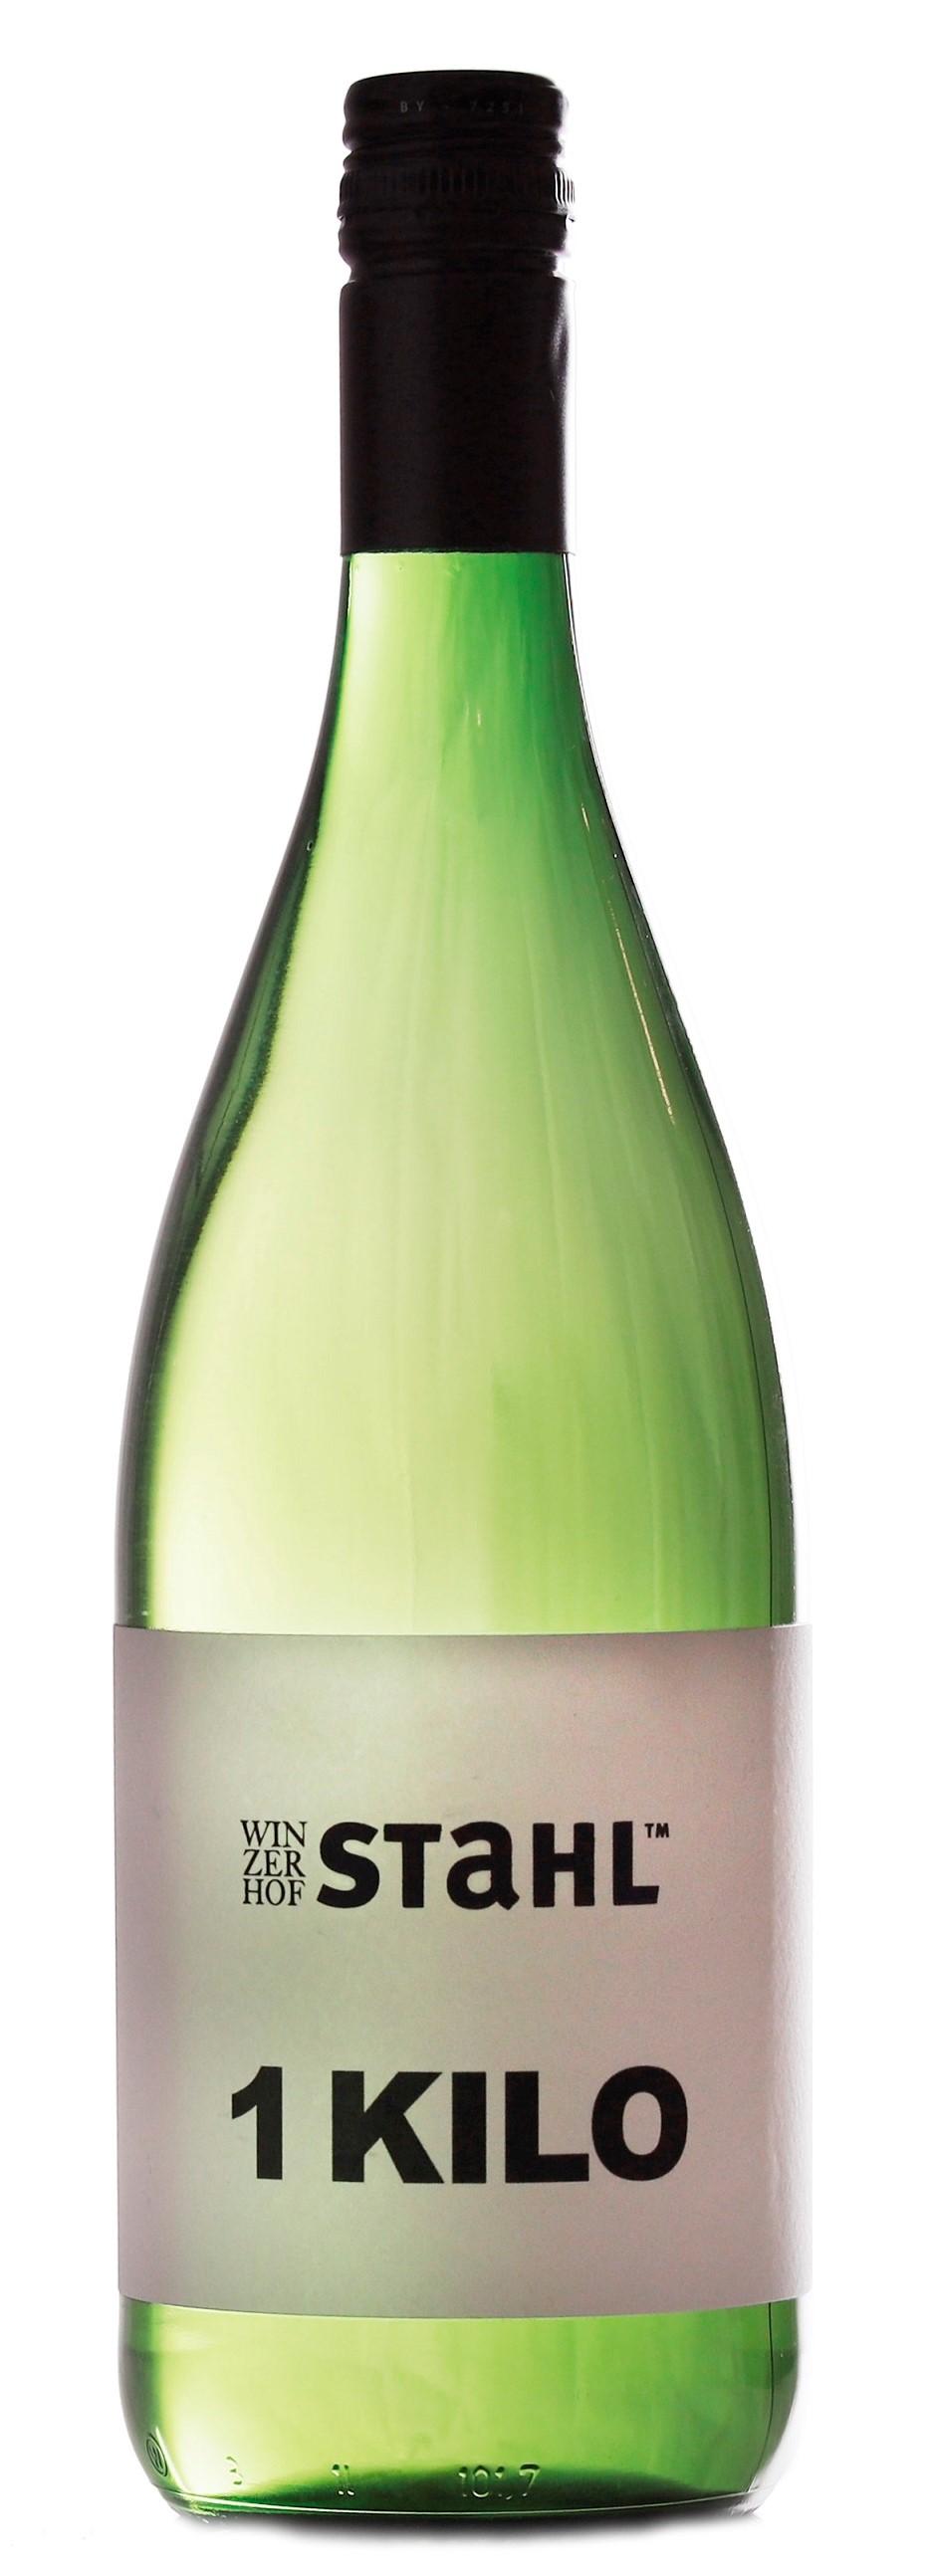 2020 Ein Kilo Stahl - Silvaner Qualitätswein